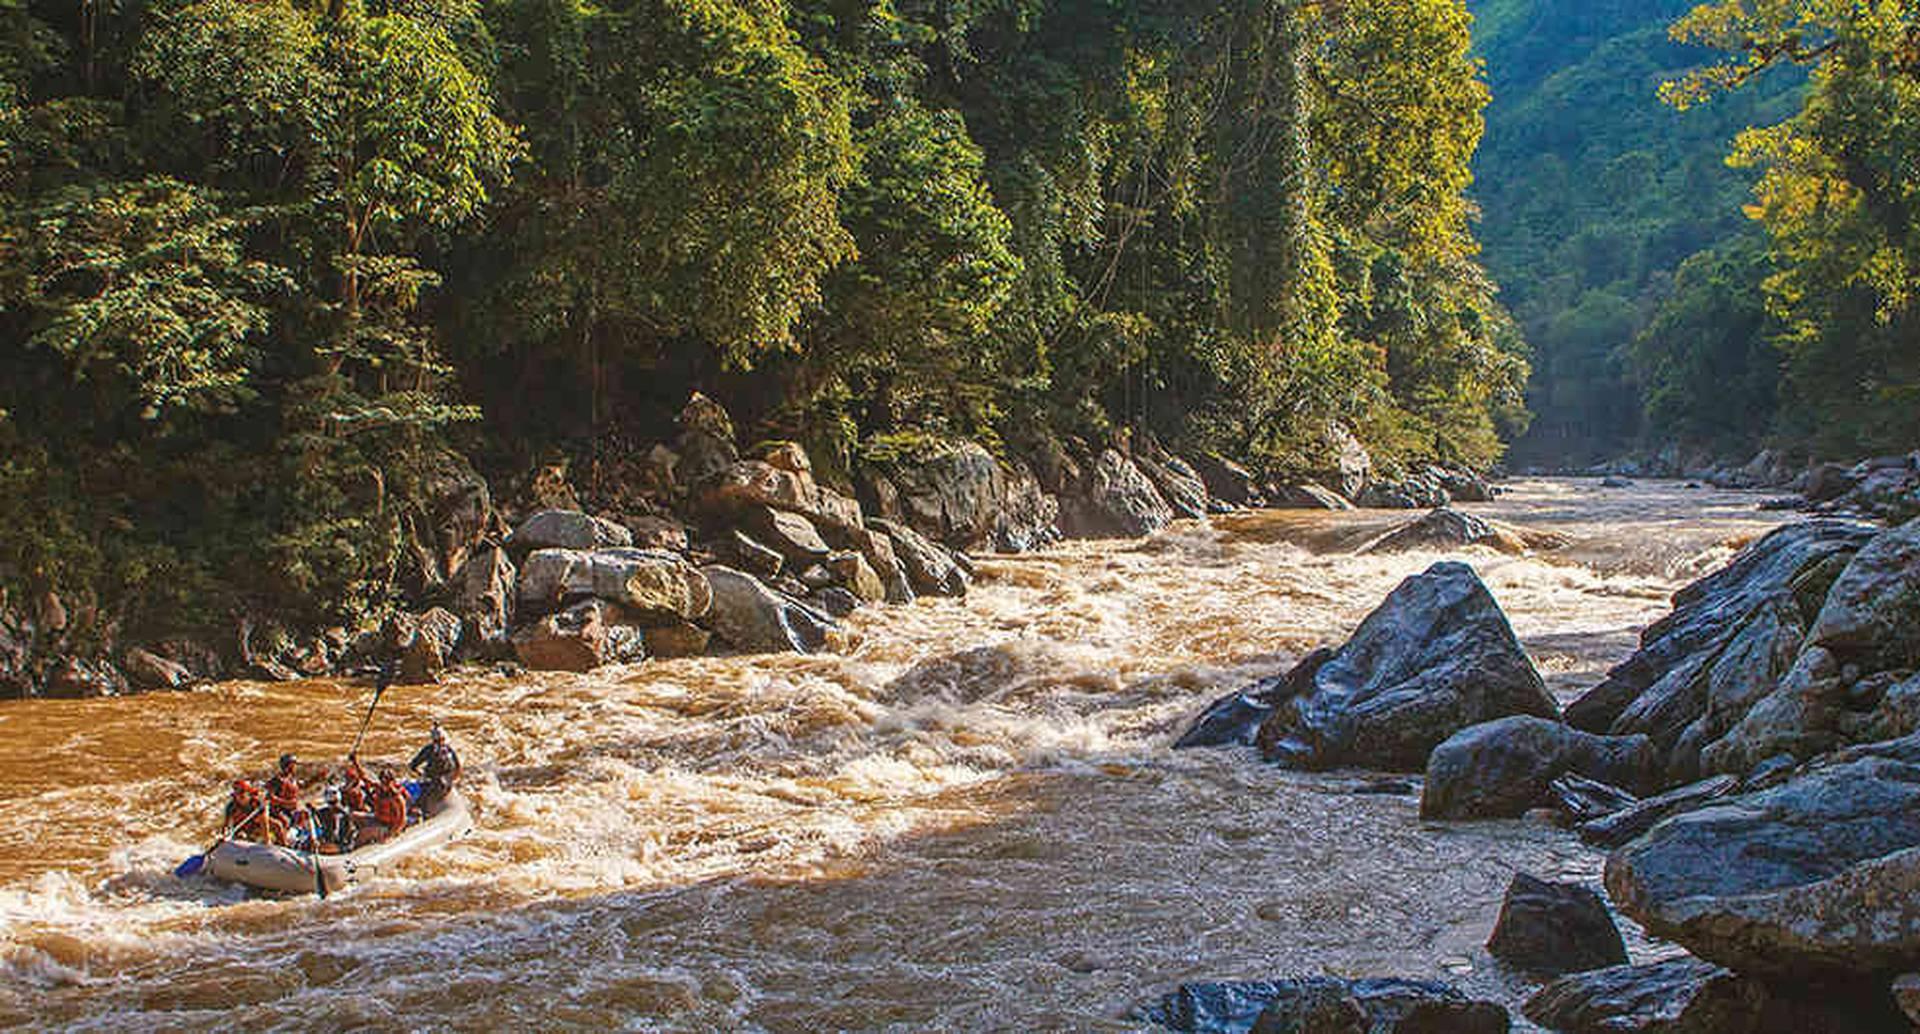 Atardecer en elrío Samaná. Los expedicionarios lo han estudiado a fondo para protegerlo de proyectos que afectarían su ecosistema.